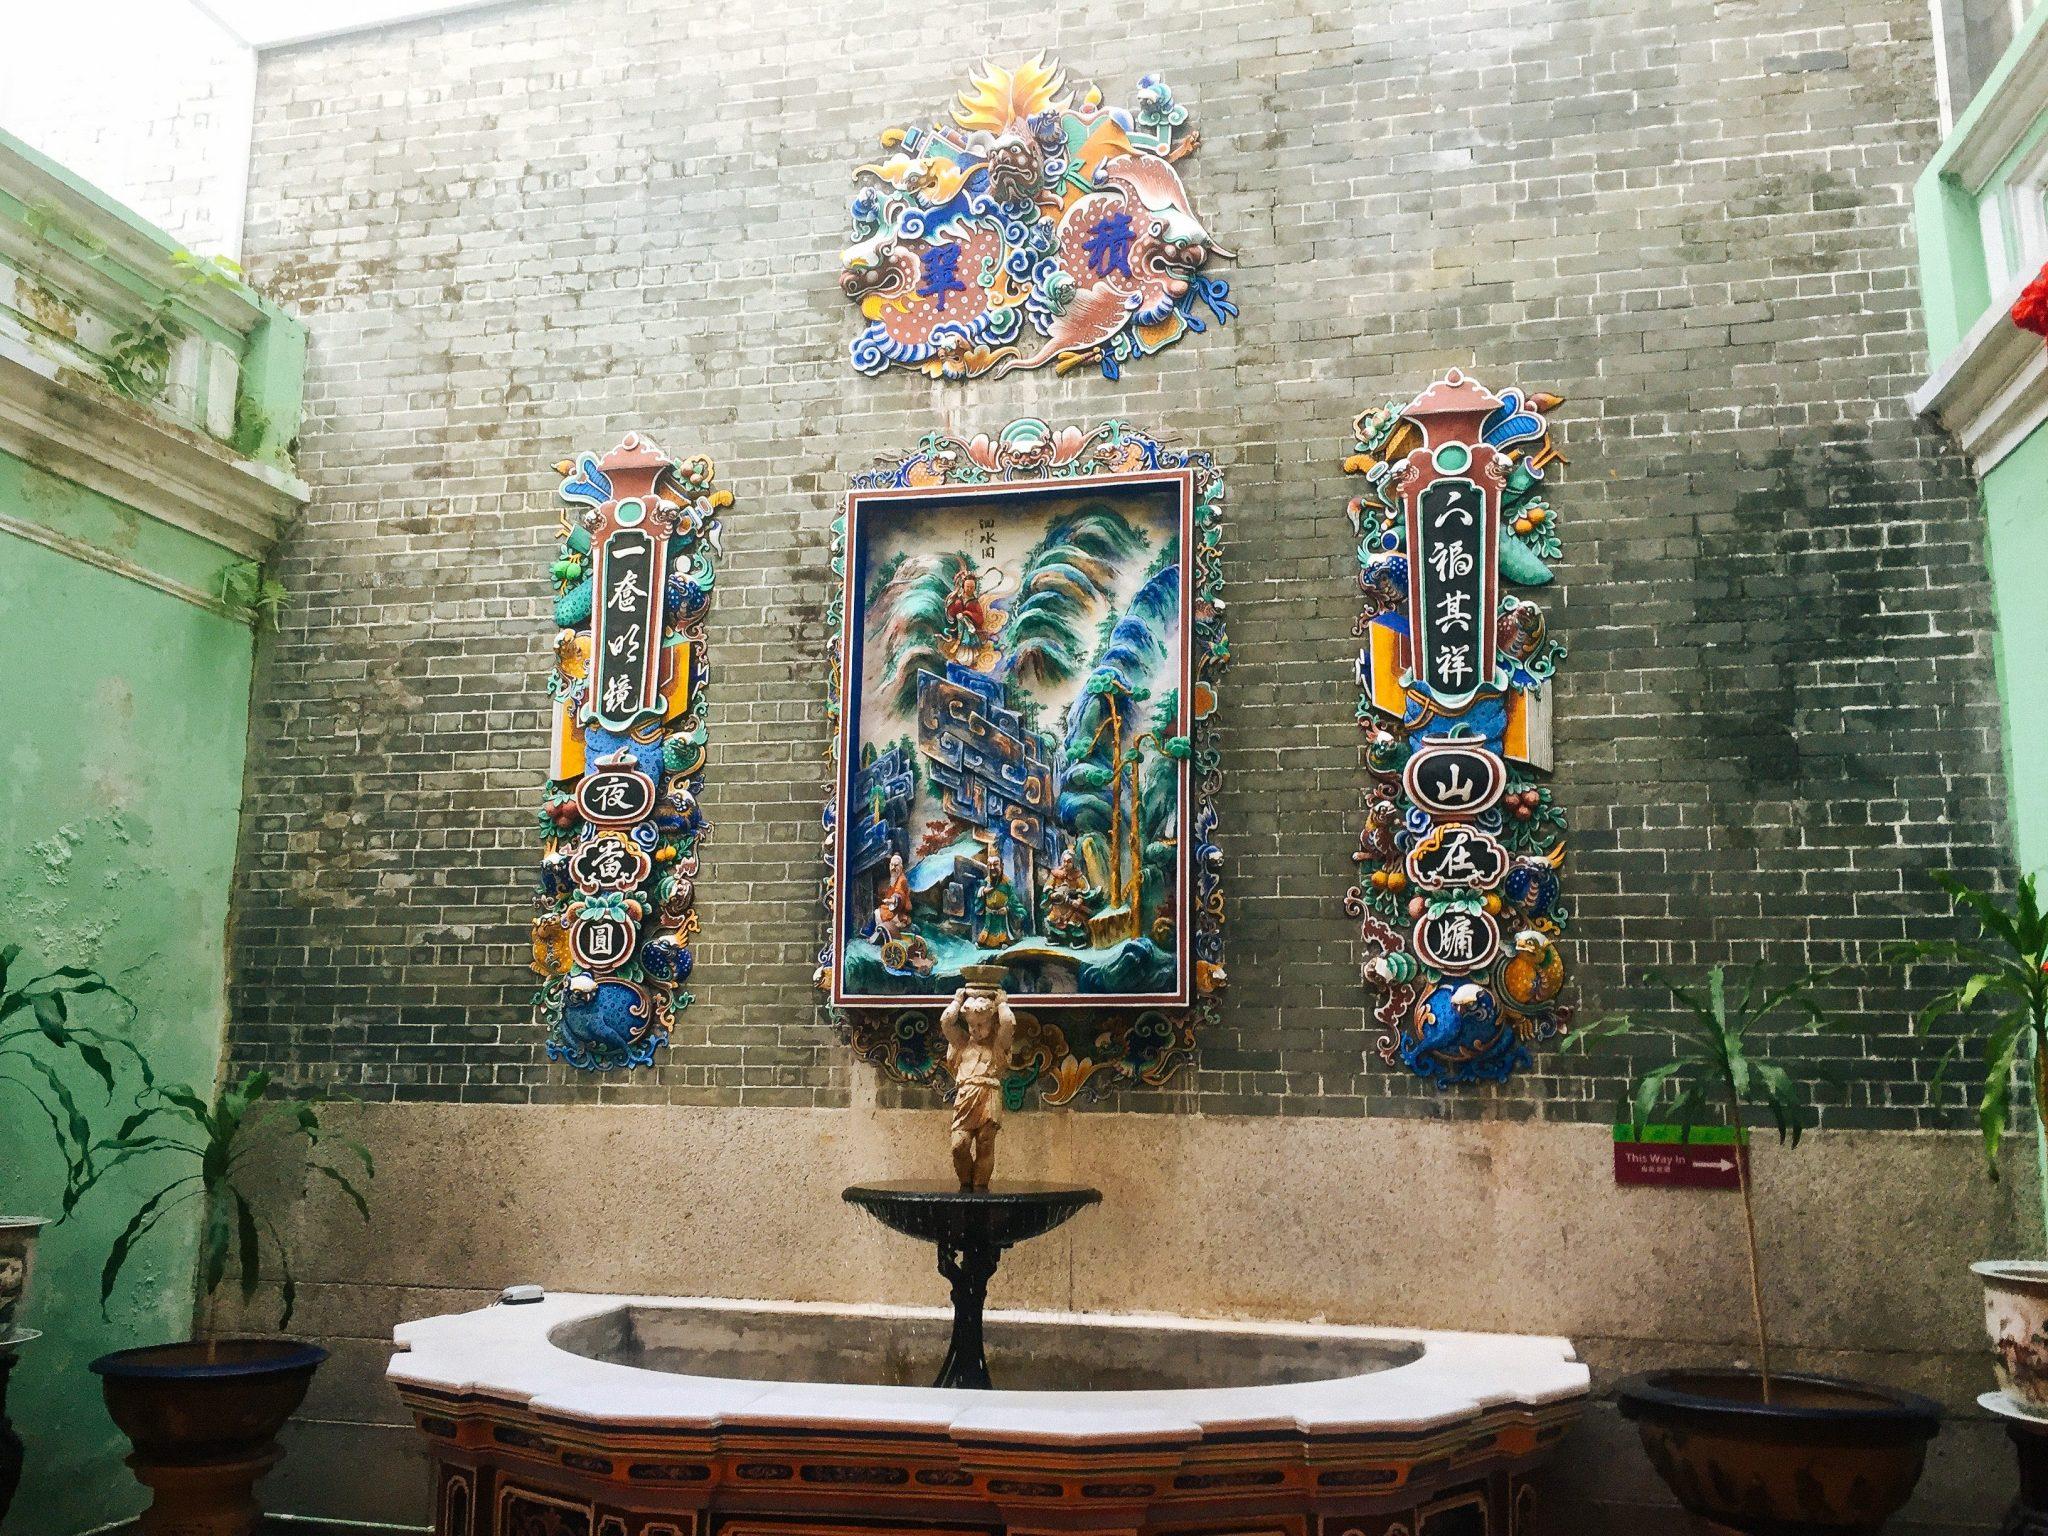 Pinang Peranakan Mansion in Georgetown, Penang | Malaysia Travel